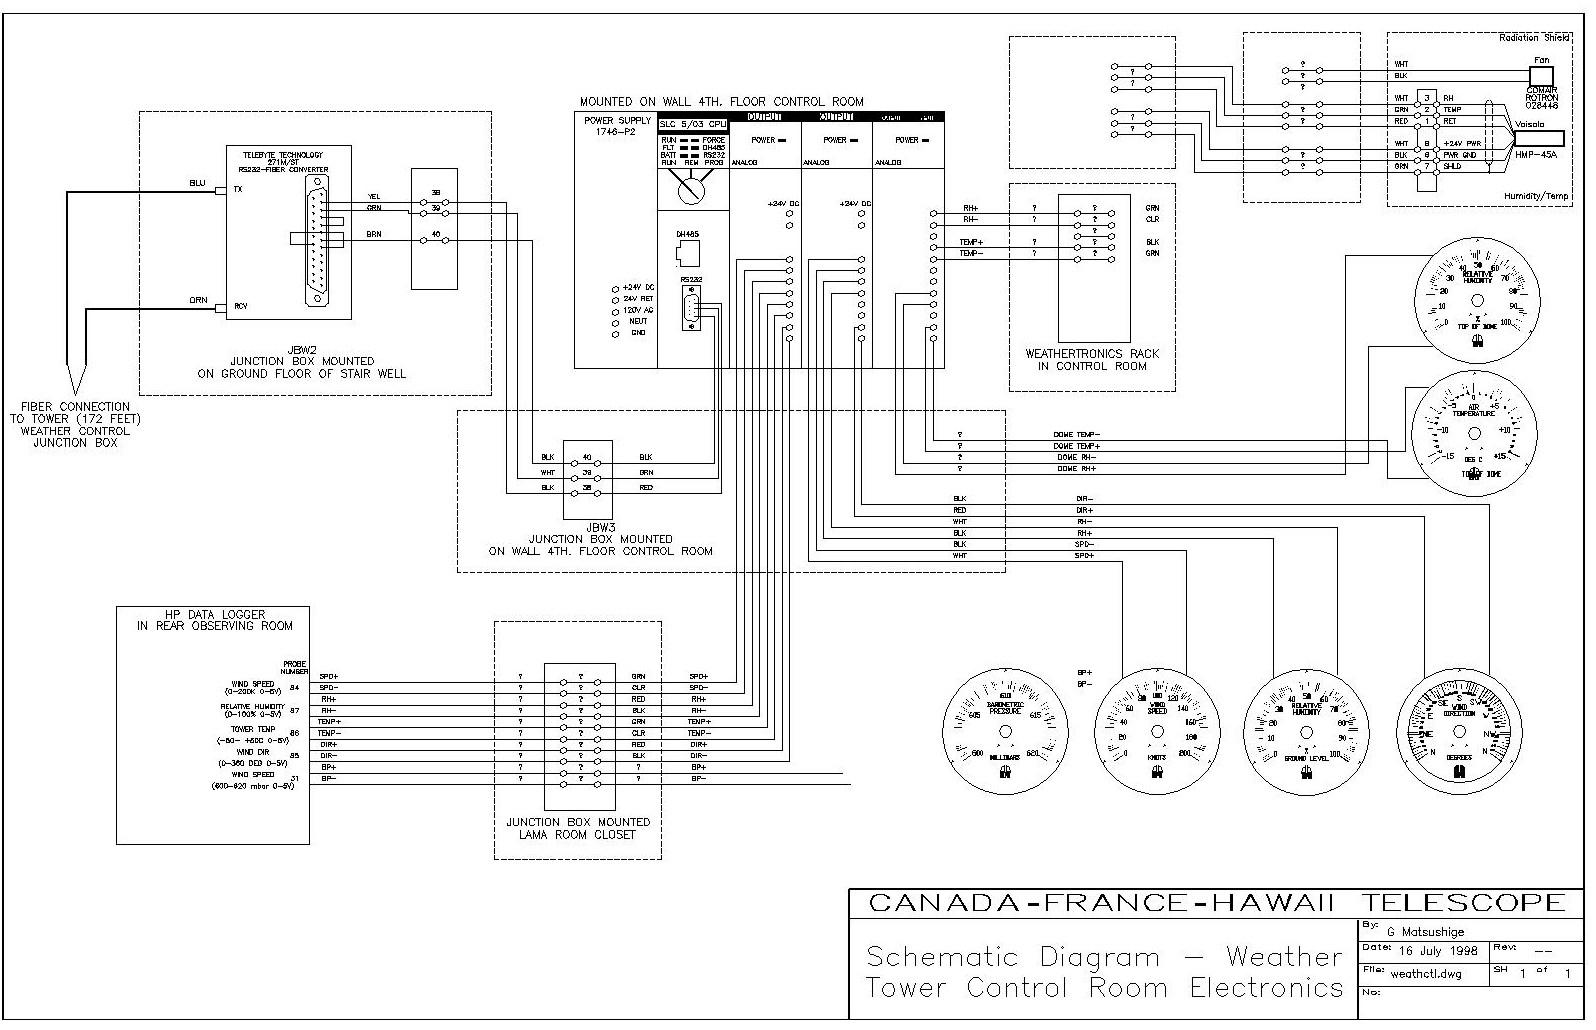 Pleasing Powerflex 755 Wiring Diagrams Wiring Diagrams For Your Car Or Truck Wiring Cloud Icalpermsplehendilmohammedshrineorg